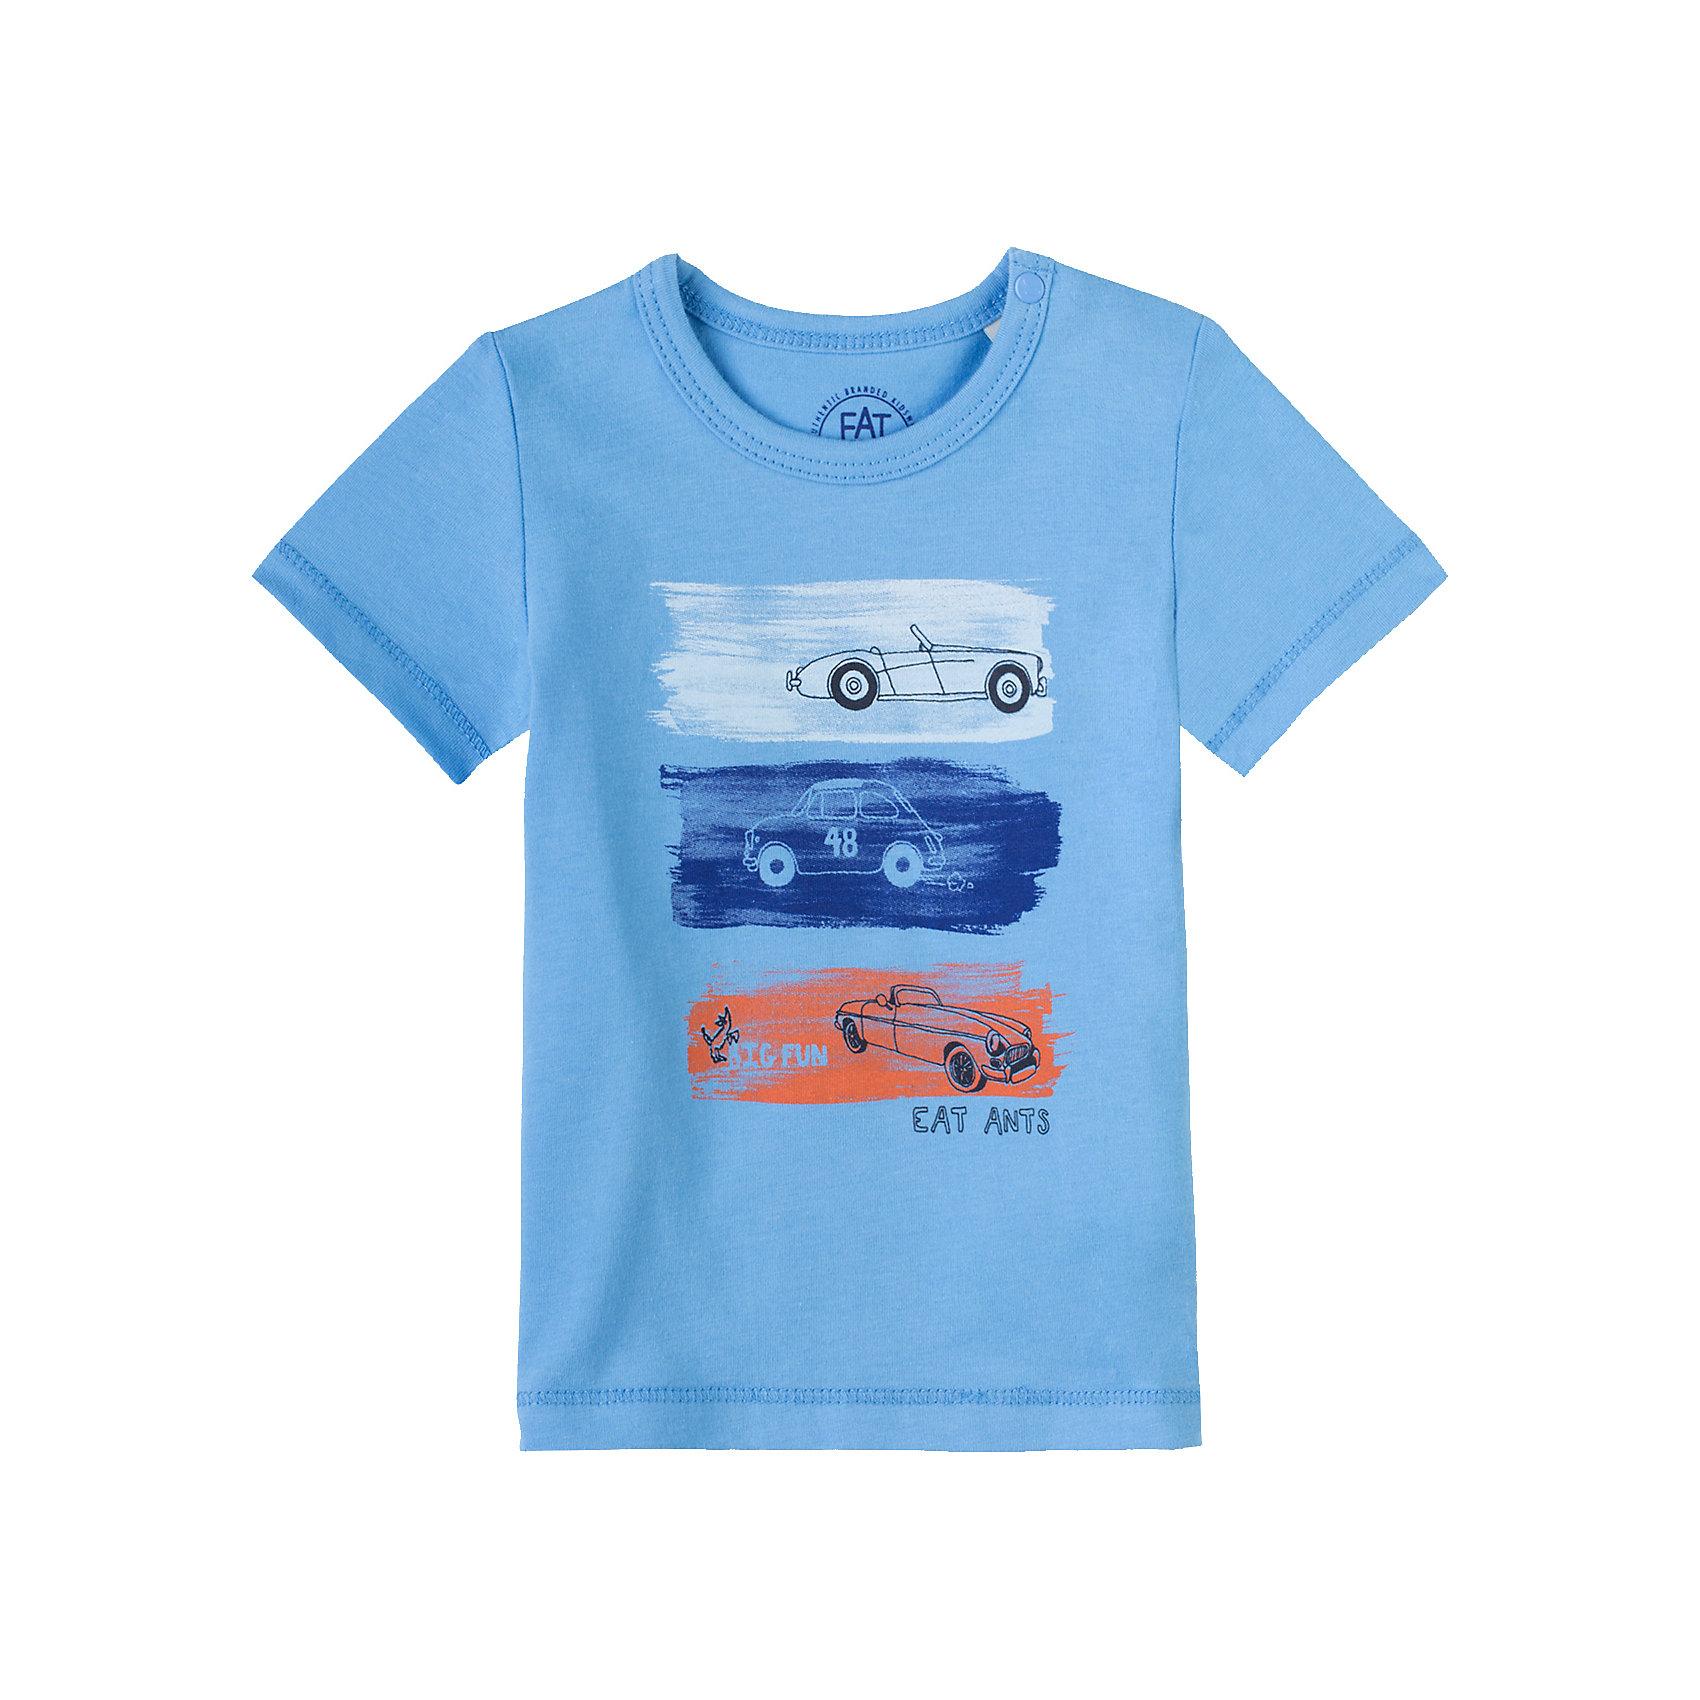 Neu Eat Ants BY SANETTA Baby T-Shirt für Jungen 7451414 für Jungen